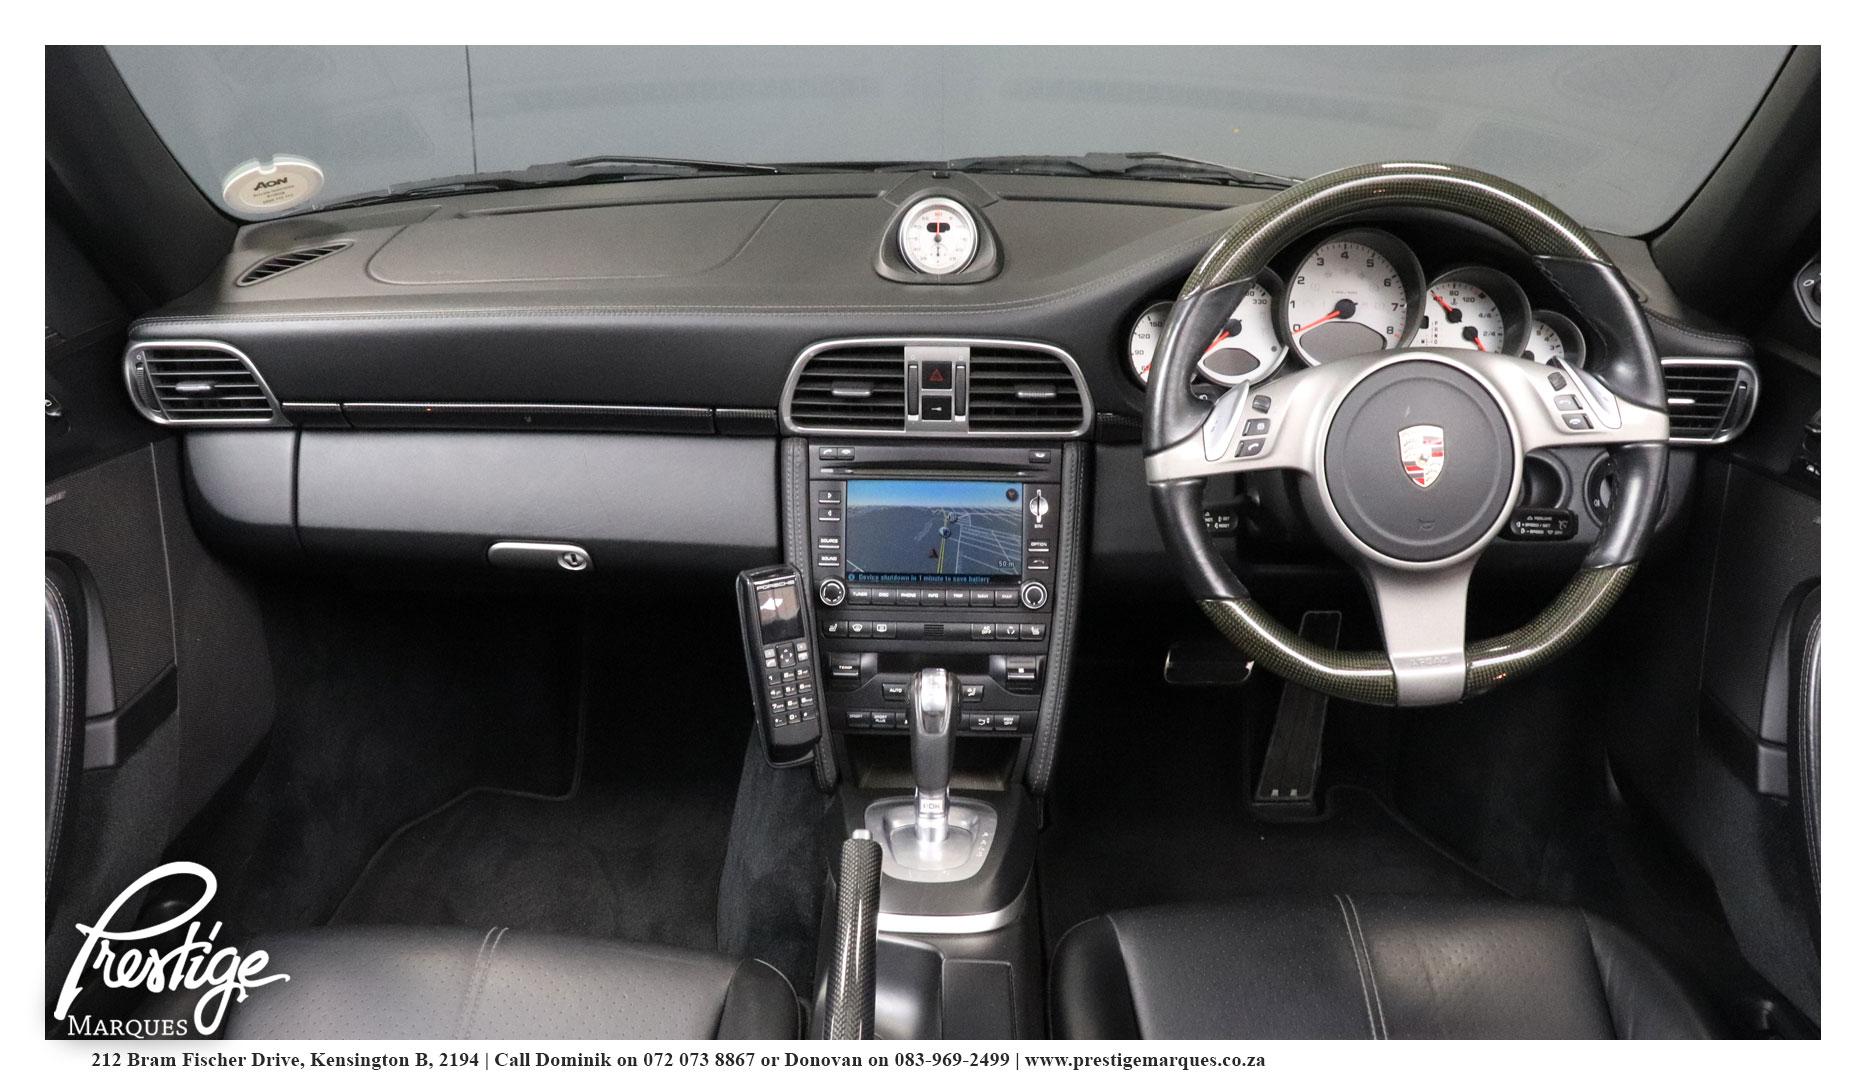 2009-Porsche-911- (997.2)-Carrera-4s-PDK Cabriolet-Prestige-Marques-Randburg-Sandton-20